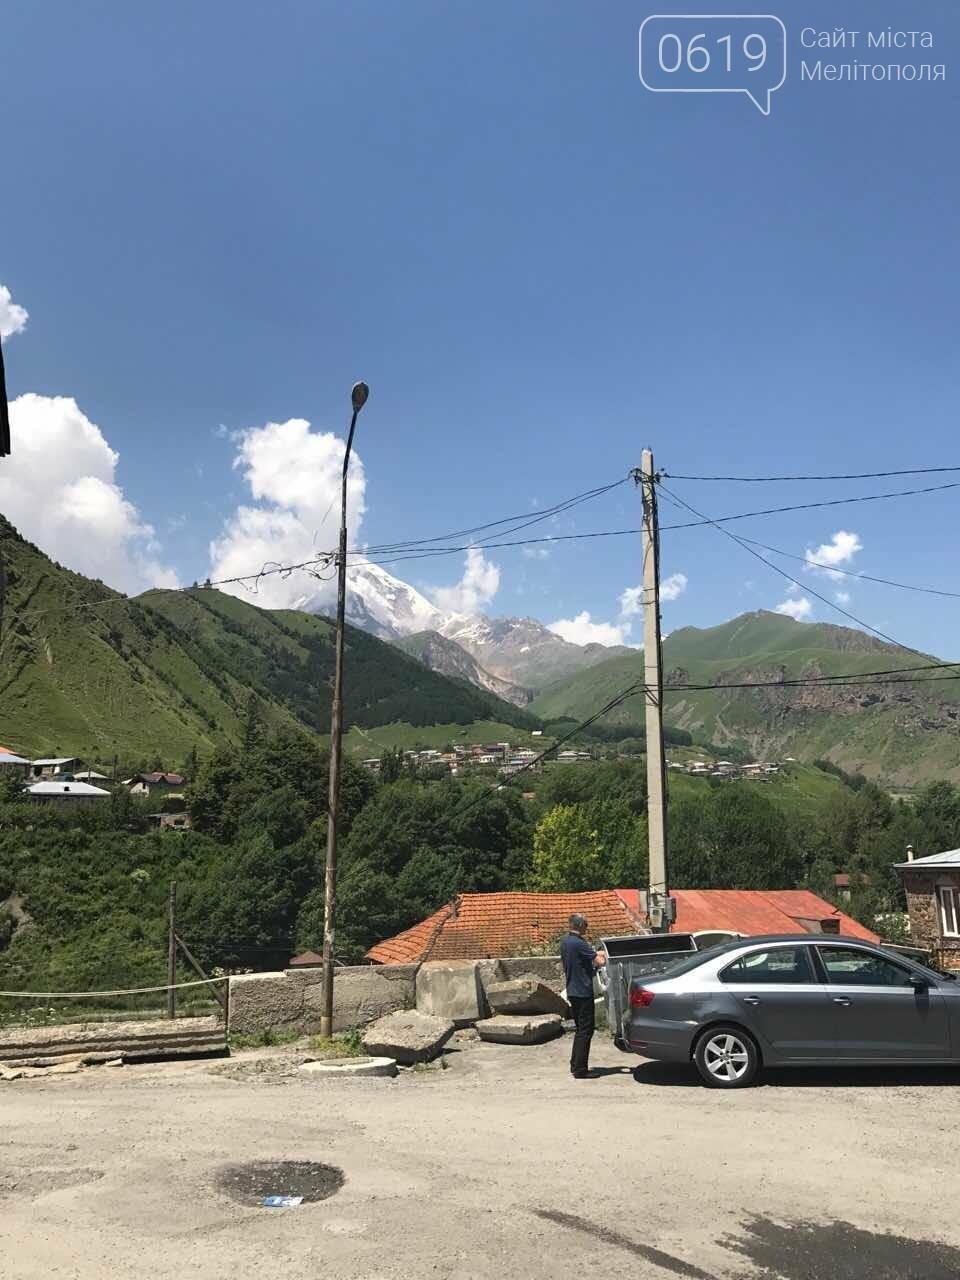 Жители города рассказали сколько стоит отдохнуть в Грузии, фото-6, Фото сайта 0619